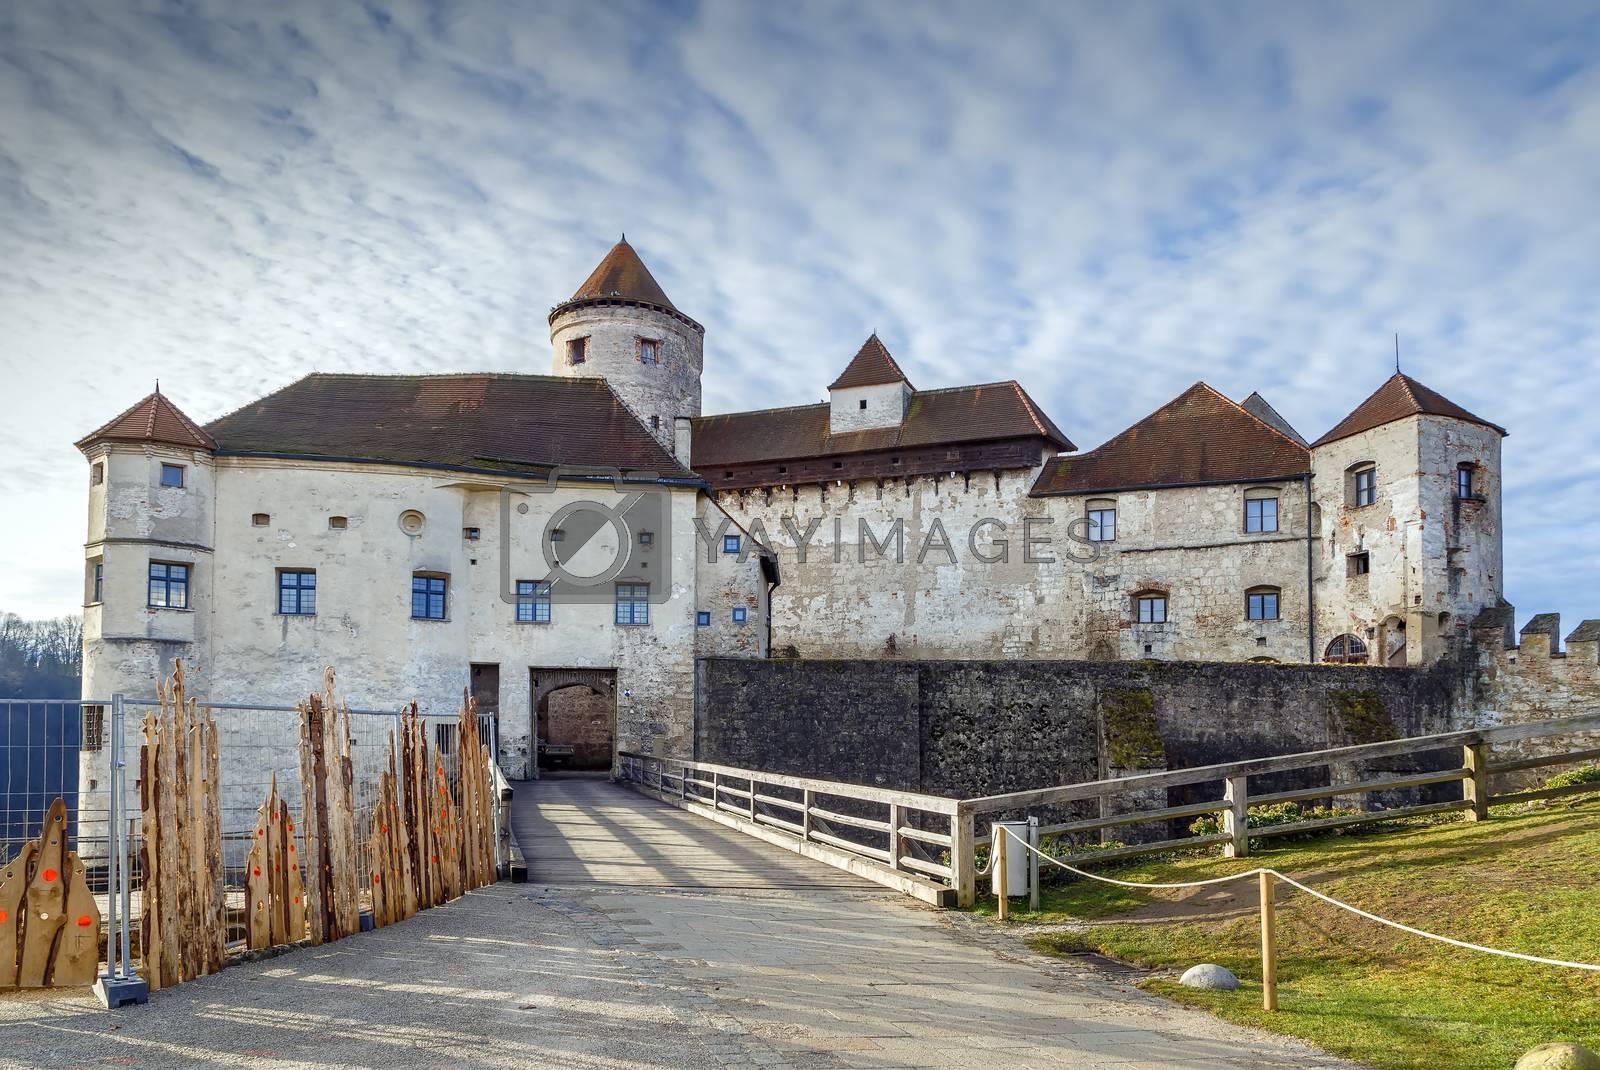 Main building of  Burghausen Castle, Upper Bavaria, Germany